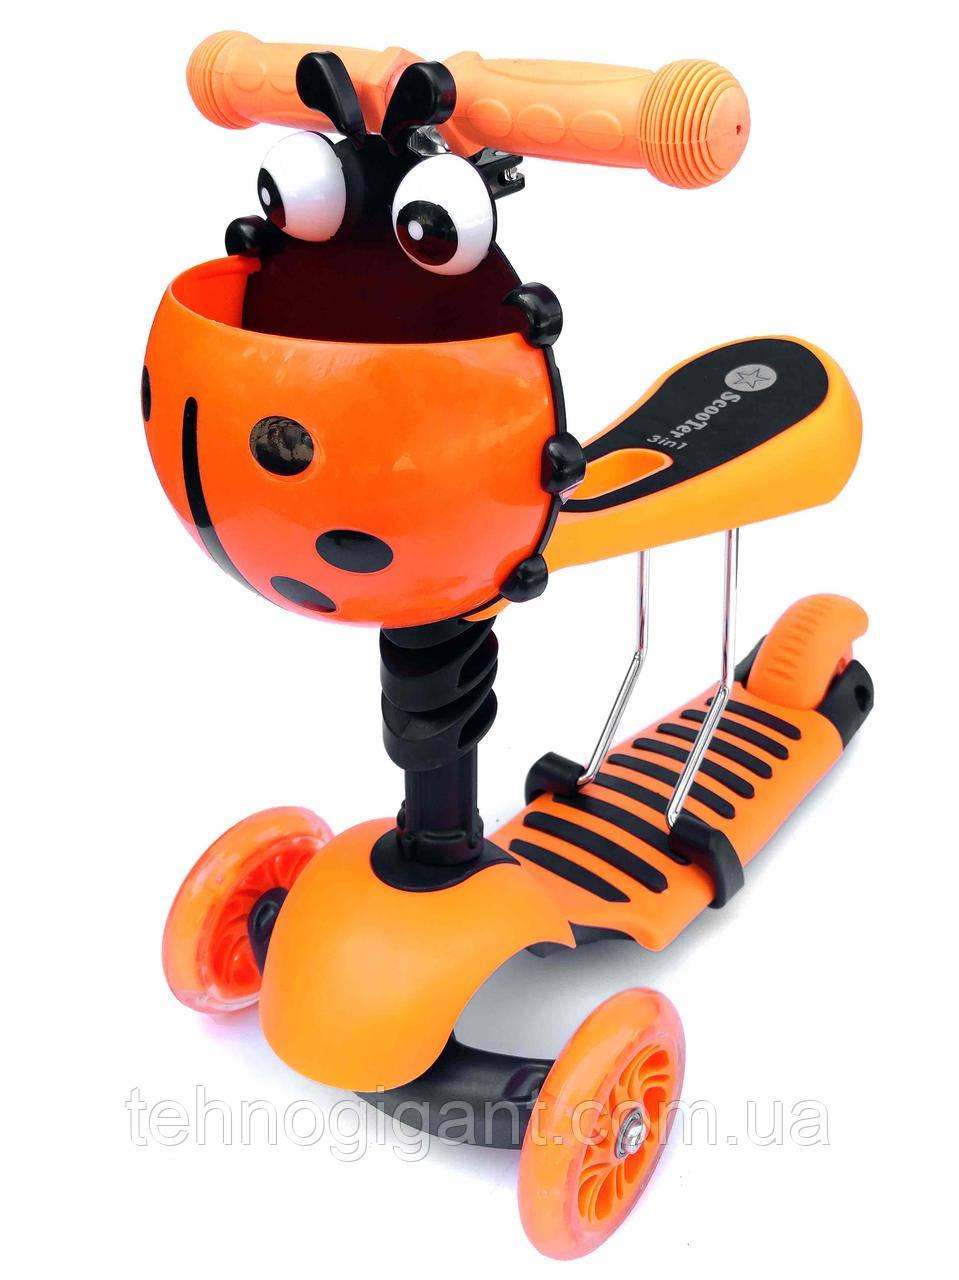 Cамокат Беговел 3 в 1 Scooter божья коровка, с не скользящей платформой, сиденьем, корзиной, Оранжевый